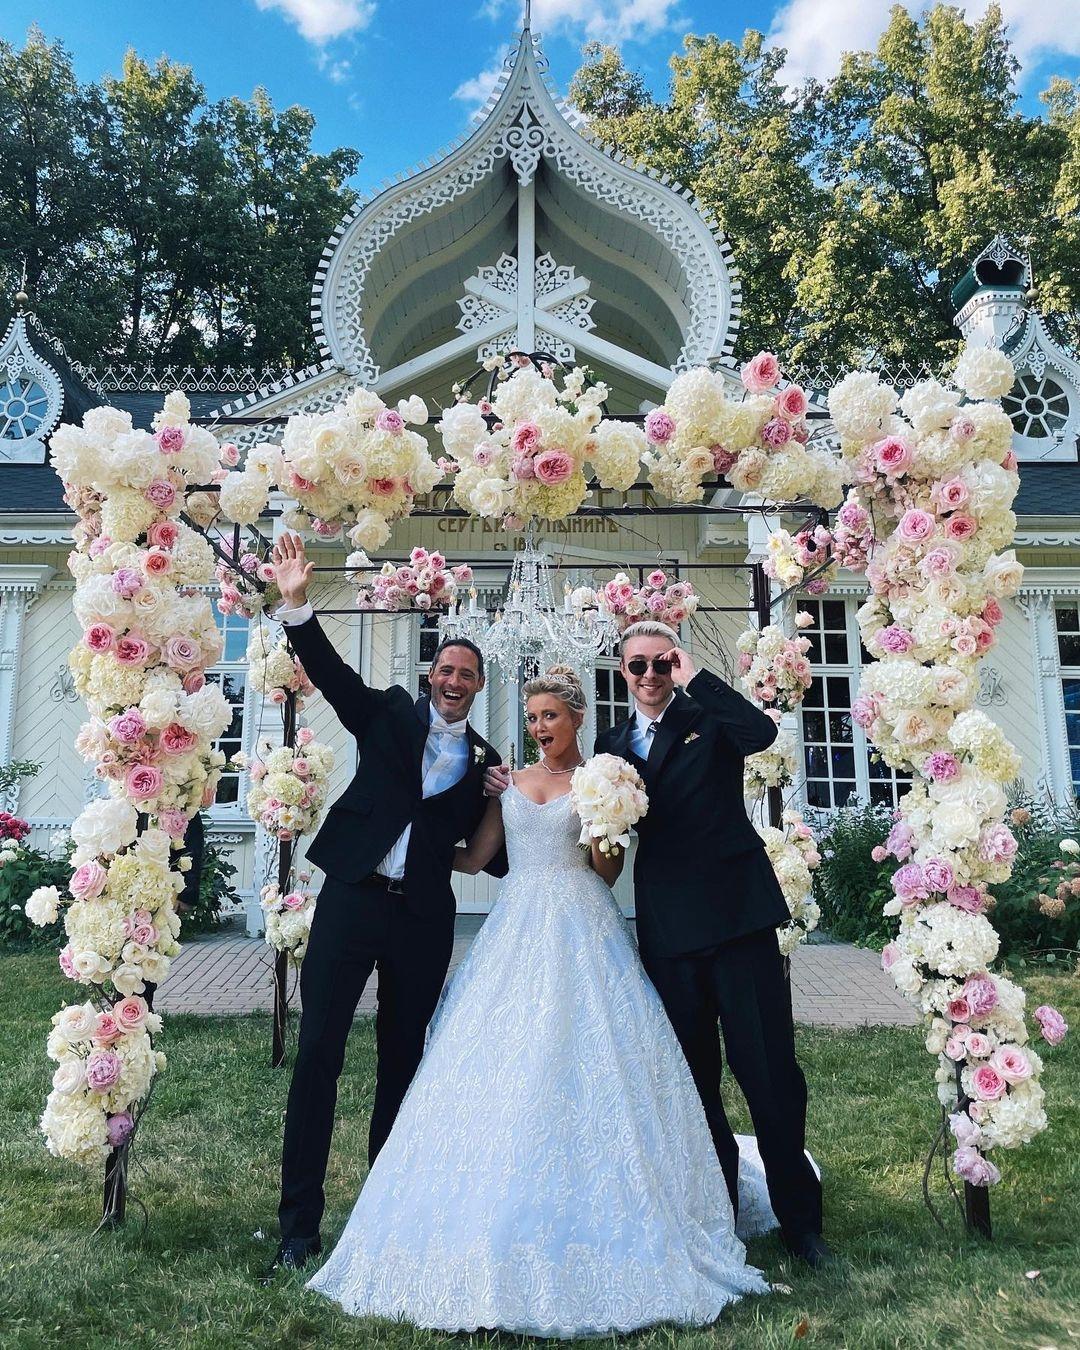 Сестра Егора Крида Полина сыграла пышную свадьбу с мужем-аргентинцем (ФОТО) - фото №1